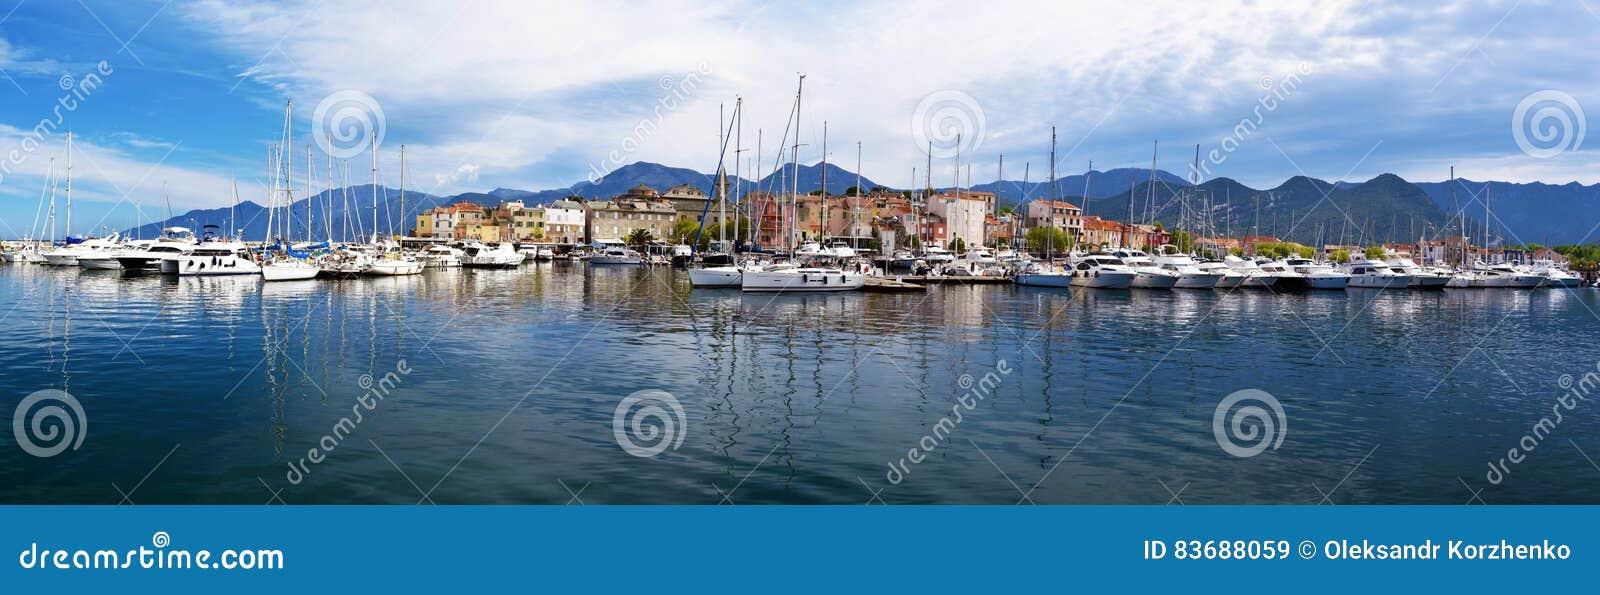 Panorama del san-Florent e del suo porto di svago